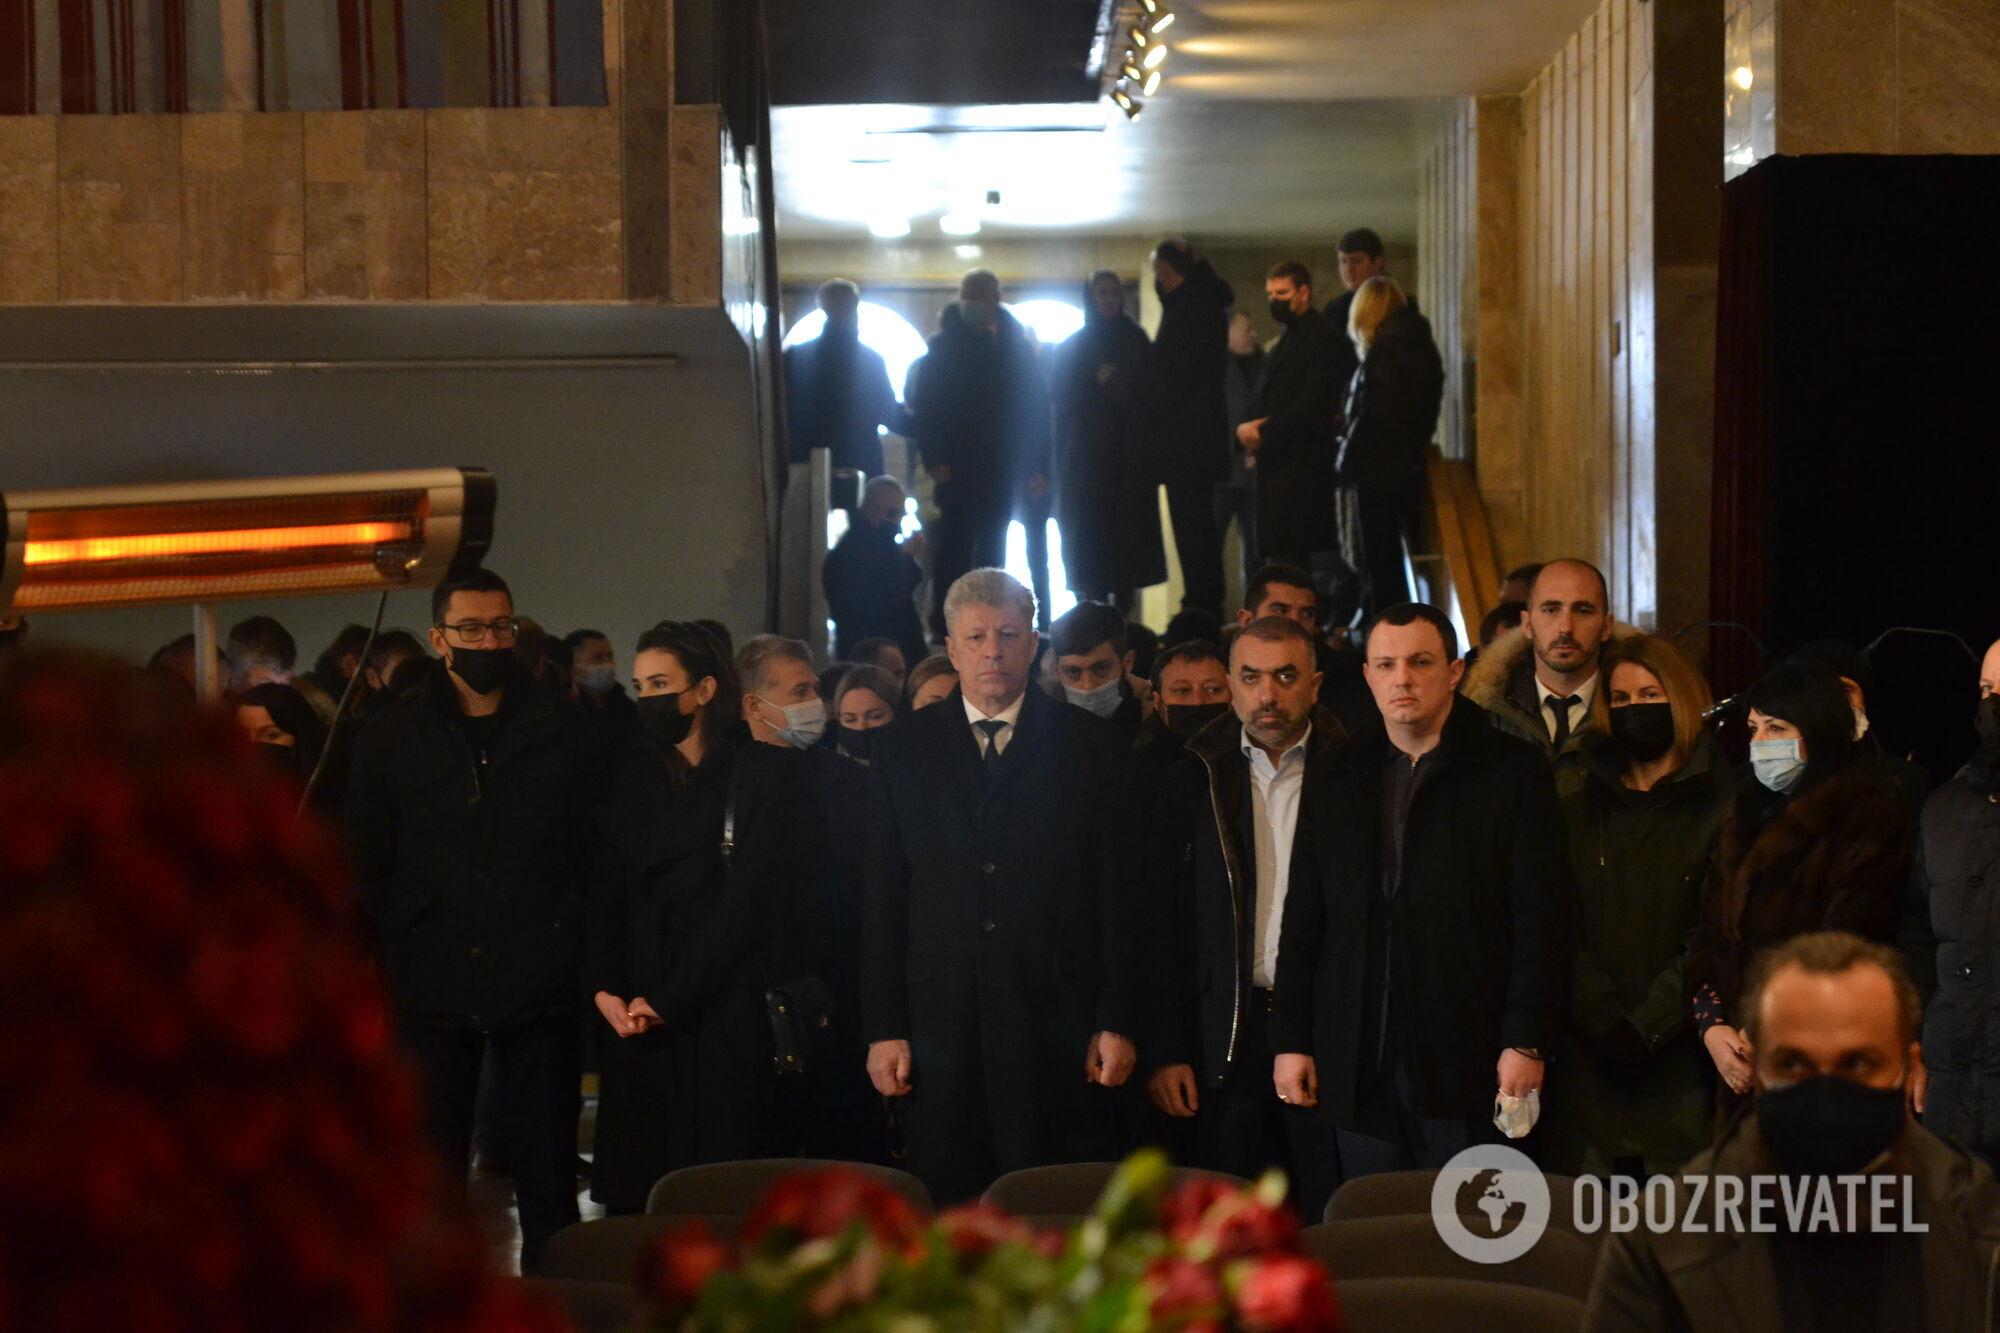 Прощання політиків із мером Кернесом в Харкові